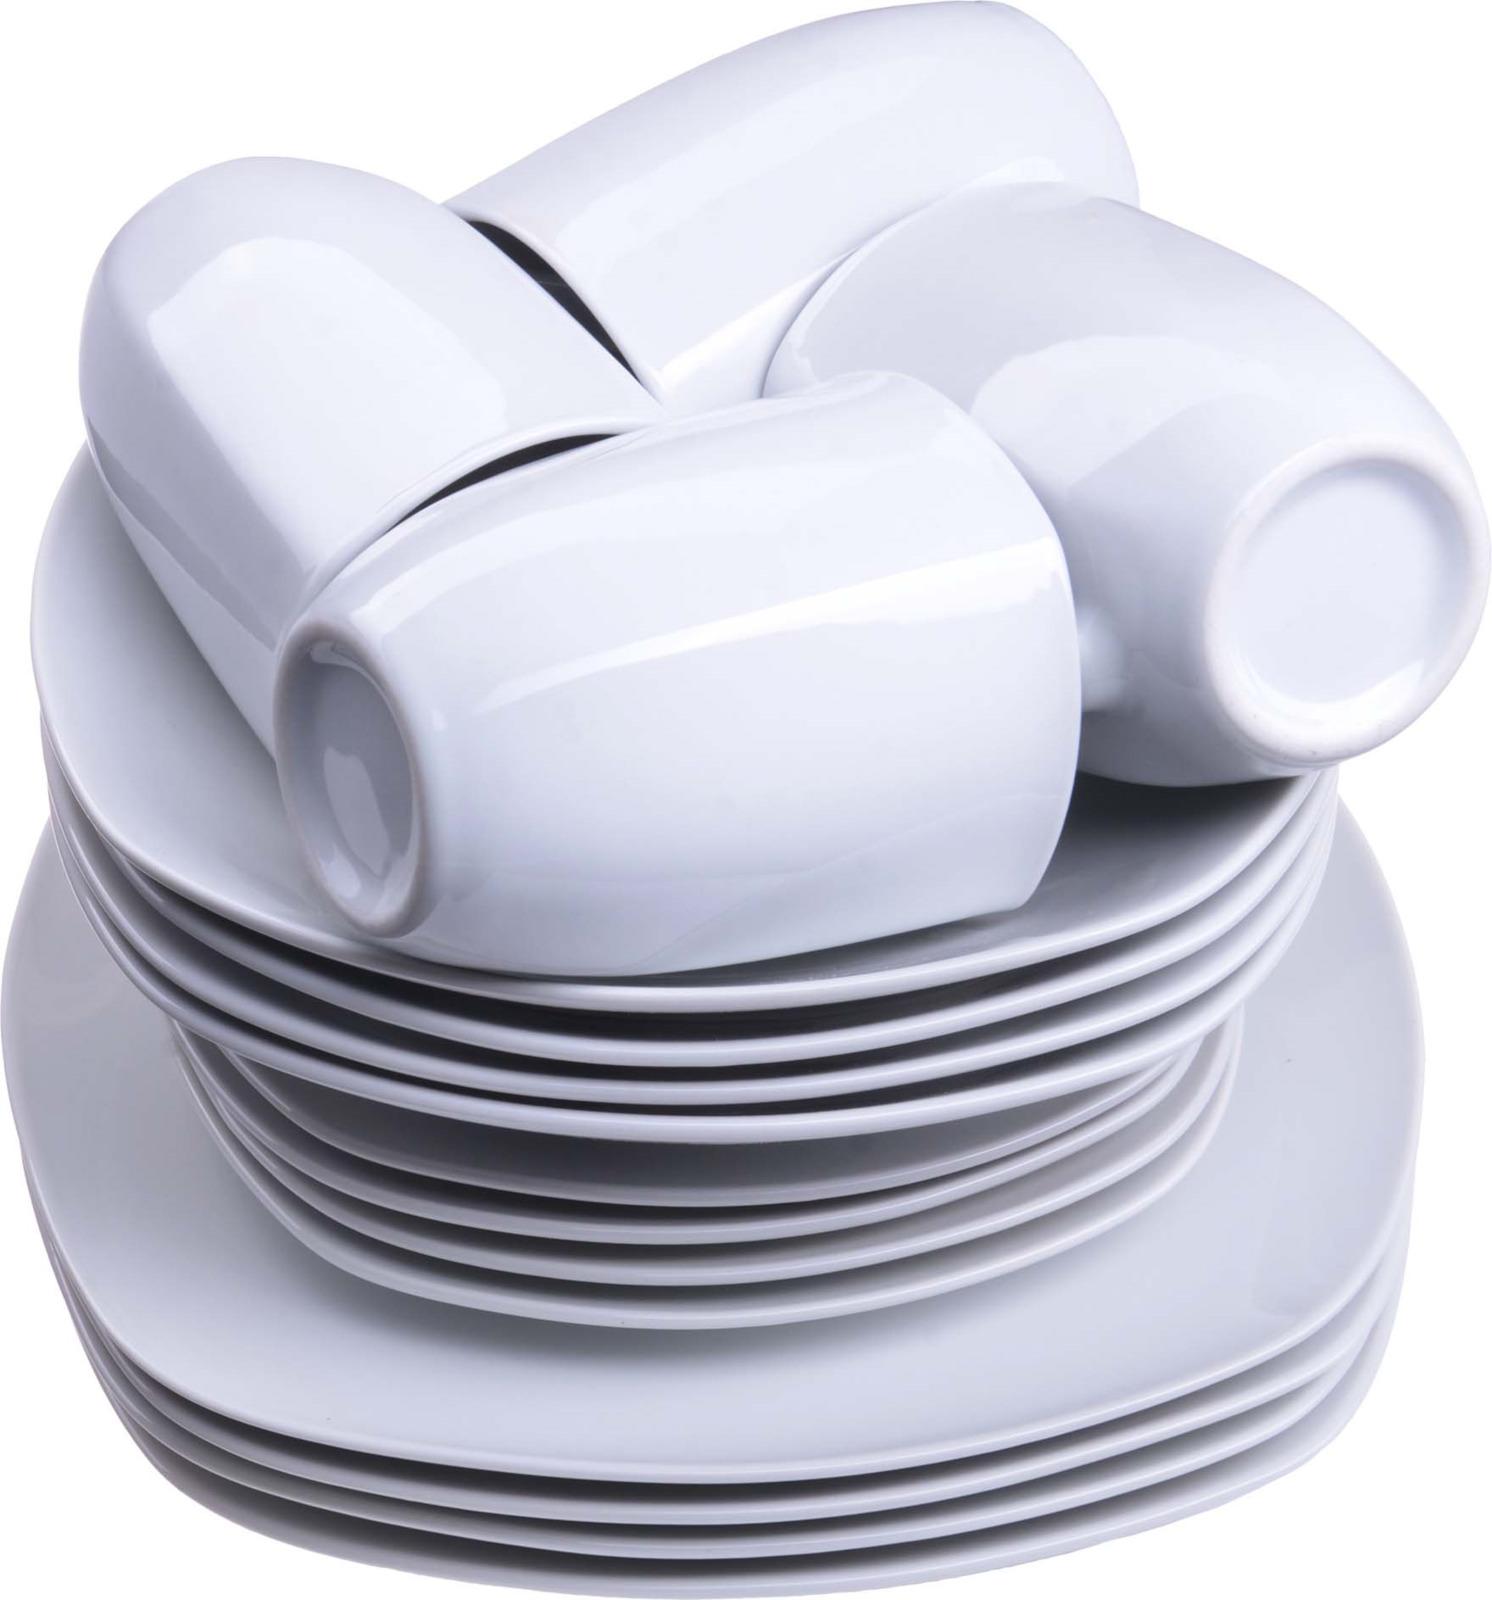 Сервиз обеденный Loraine, цвет: белый, 16 предметов. у4108